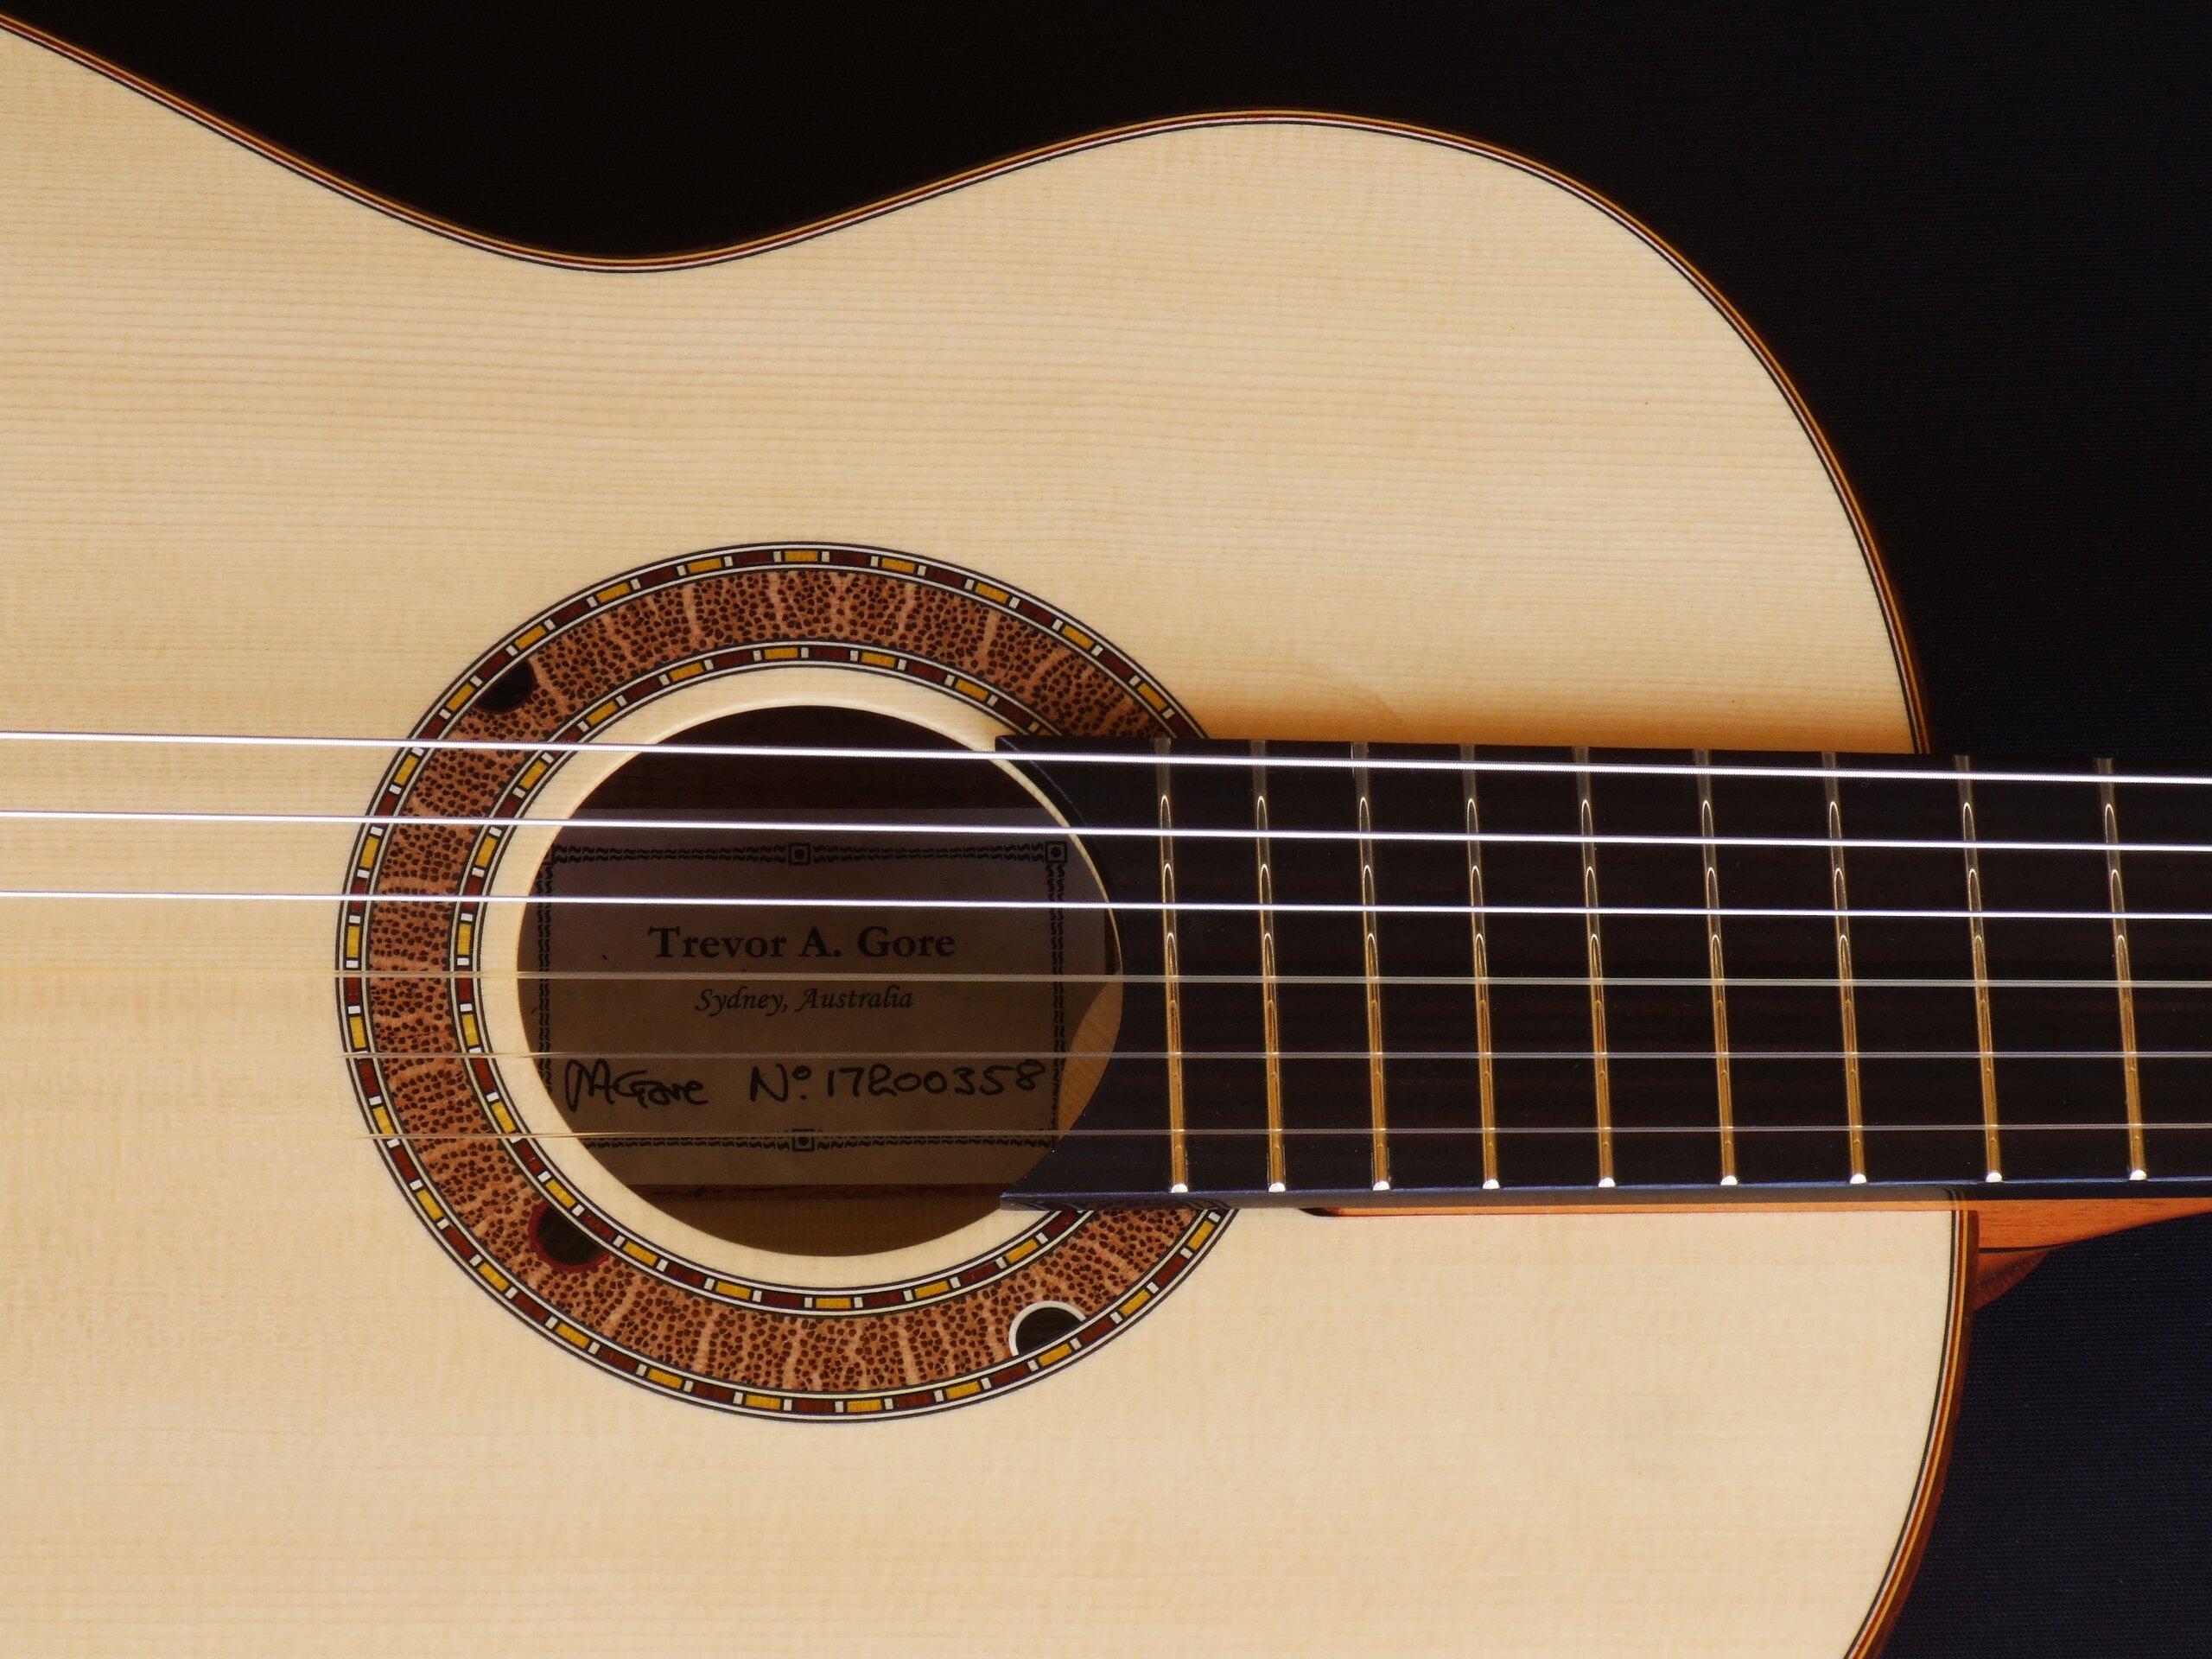 Australiana rosette on a small body tilt neck classical guitar